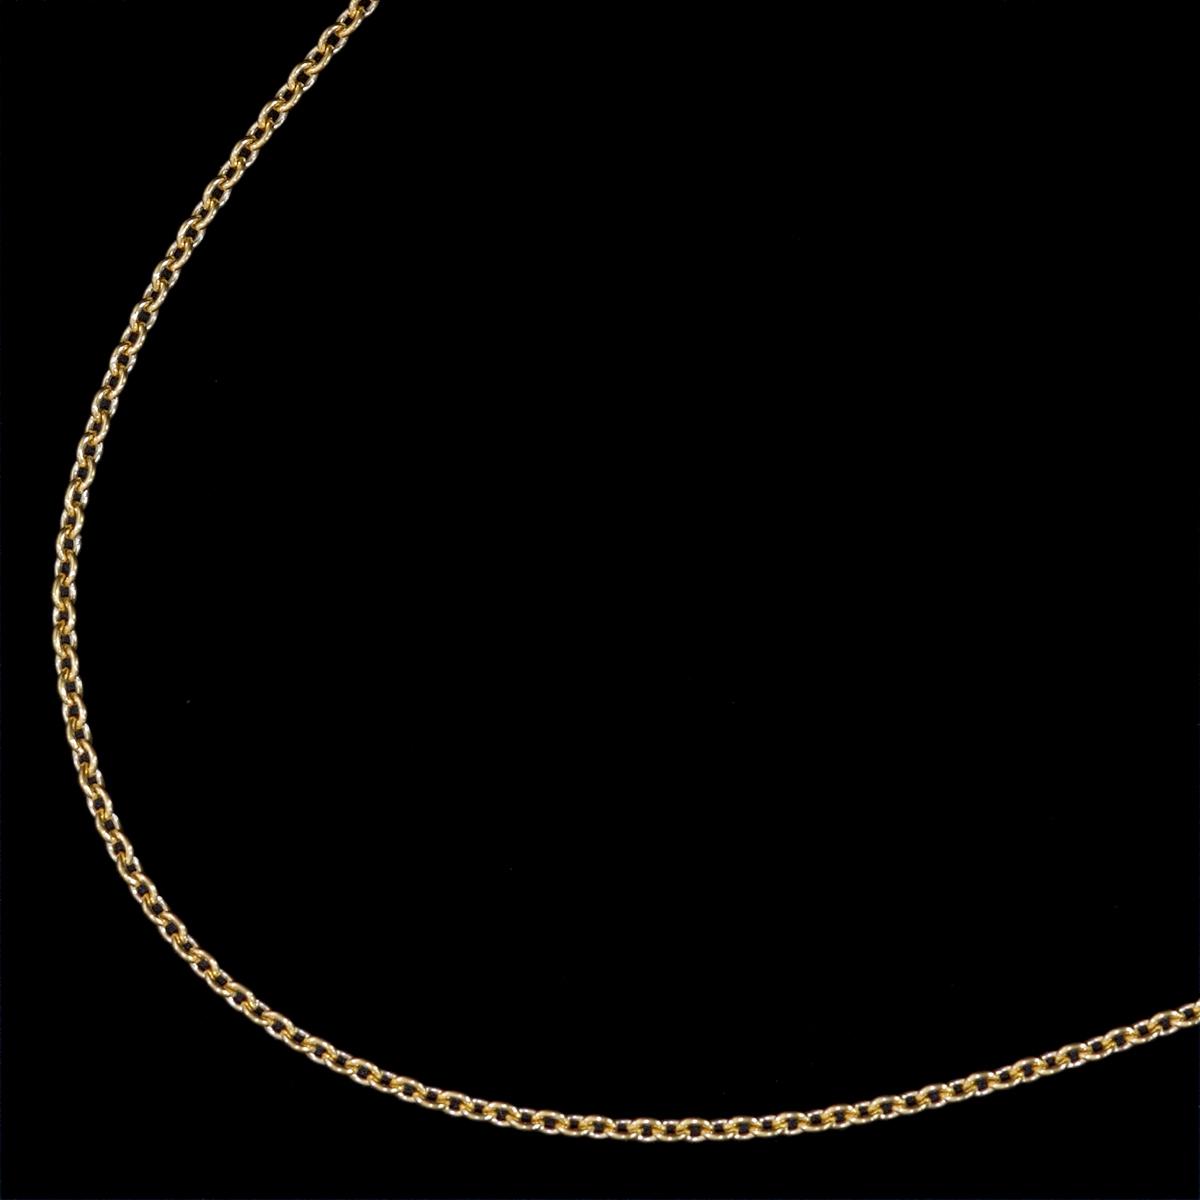 F0005【Tiffany&Co. 1837】ティファニー ペレッティ 最高級18金無垢ネックレス 長さ41.5cm 重量1.52g 幅0.6mm_画像2